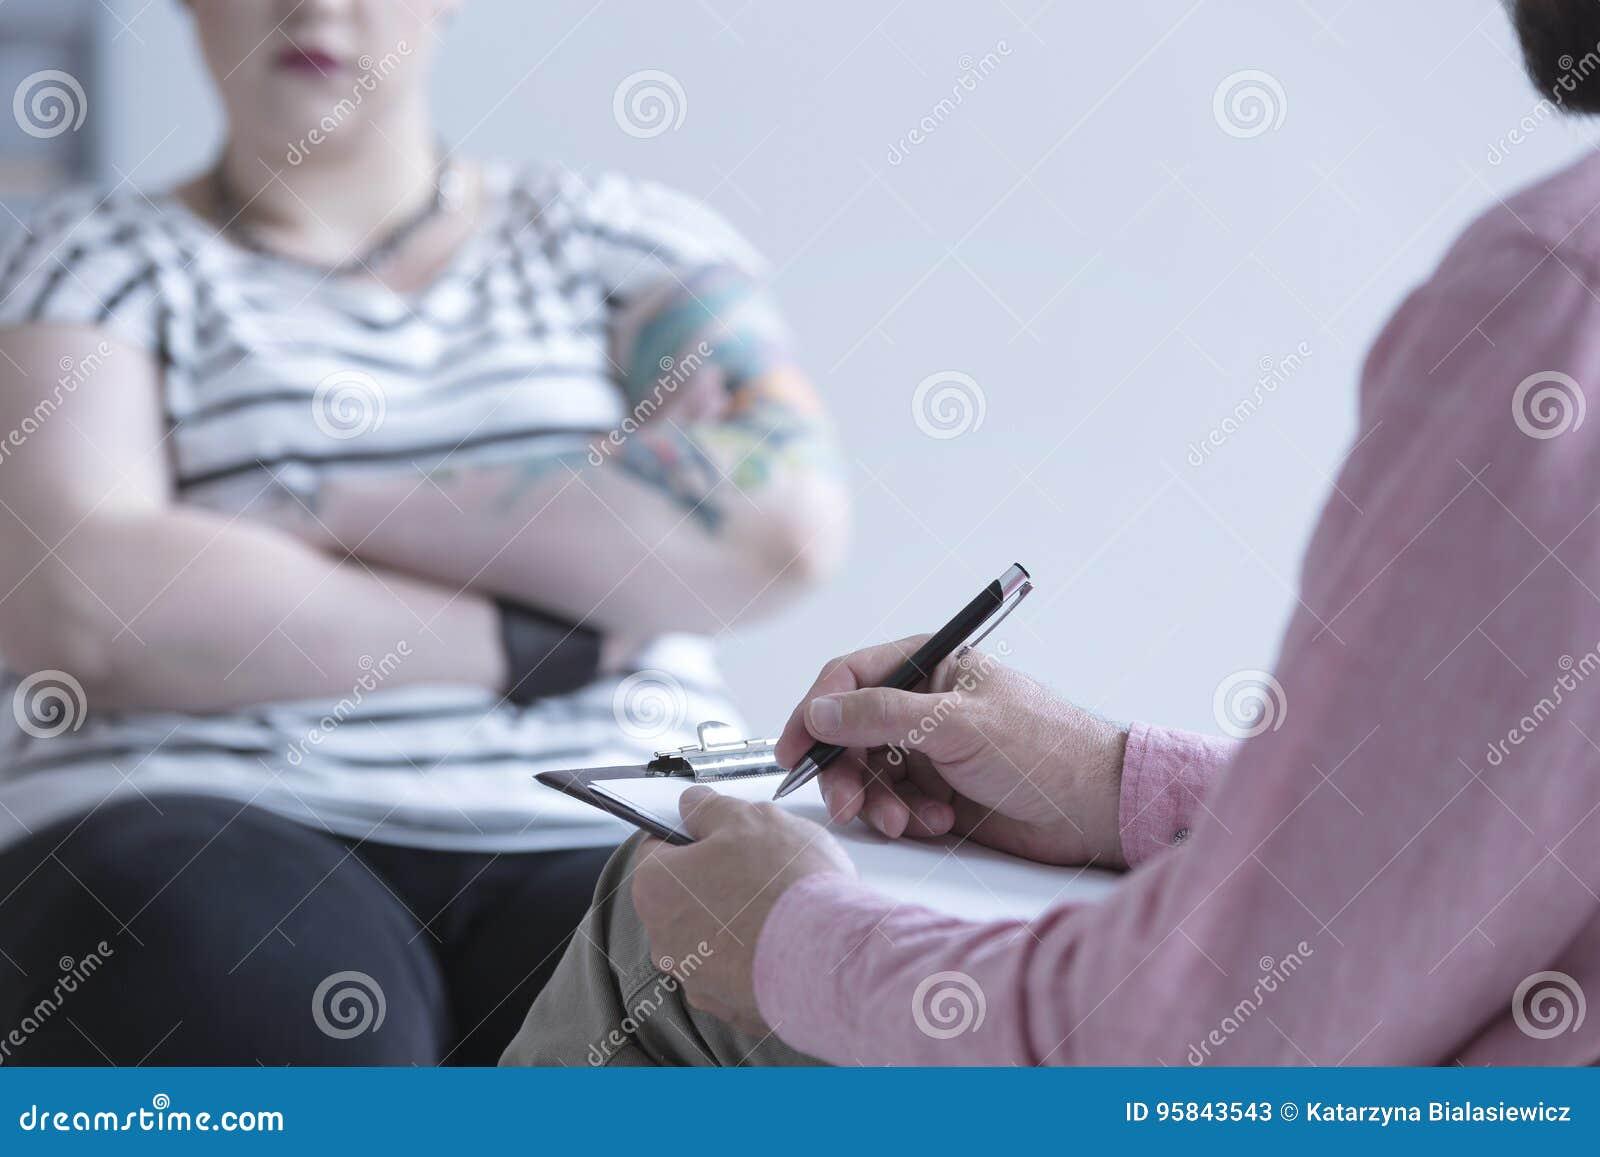 Doradca przeprowadza wywiad dziewczyny